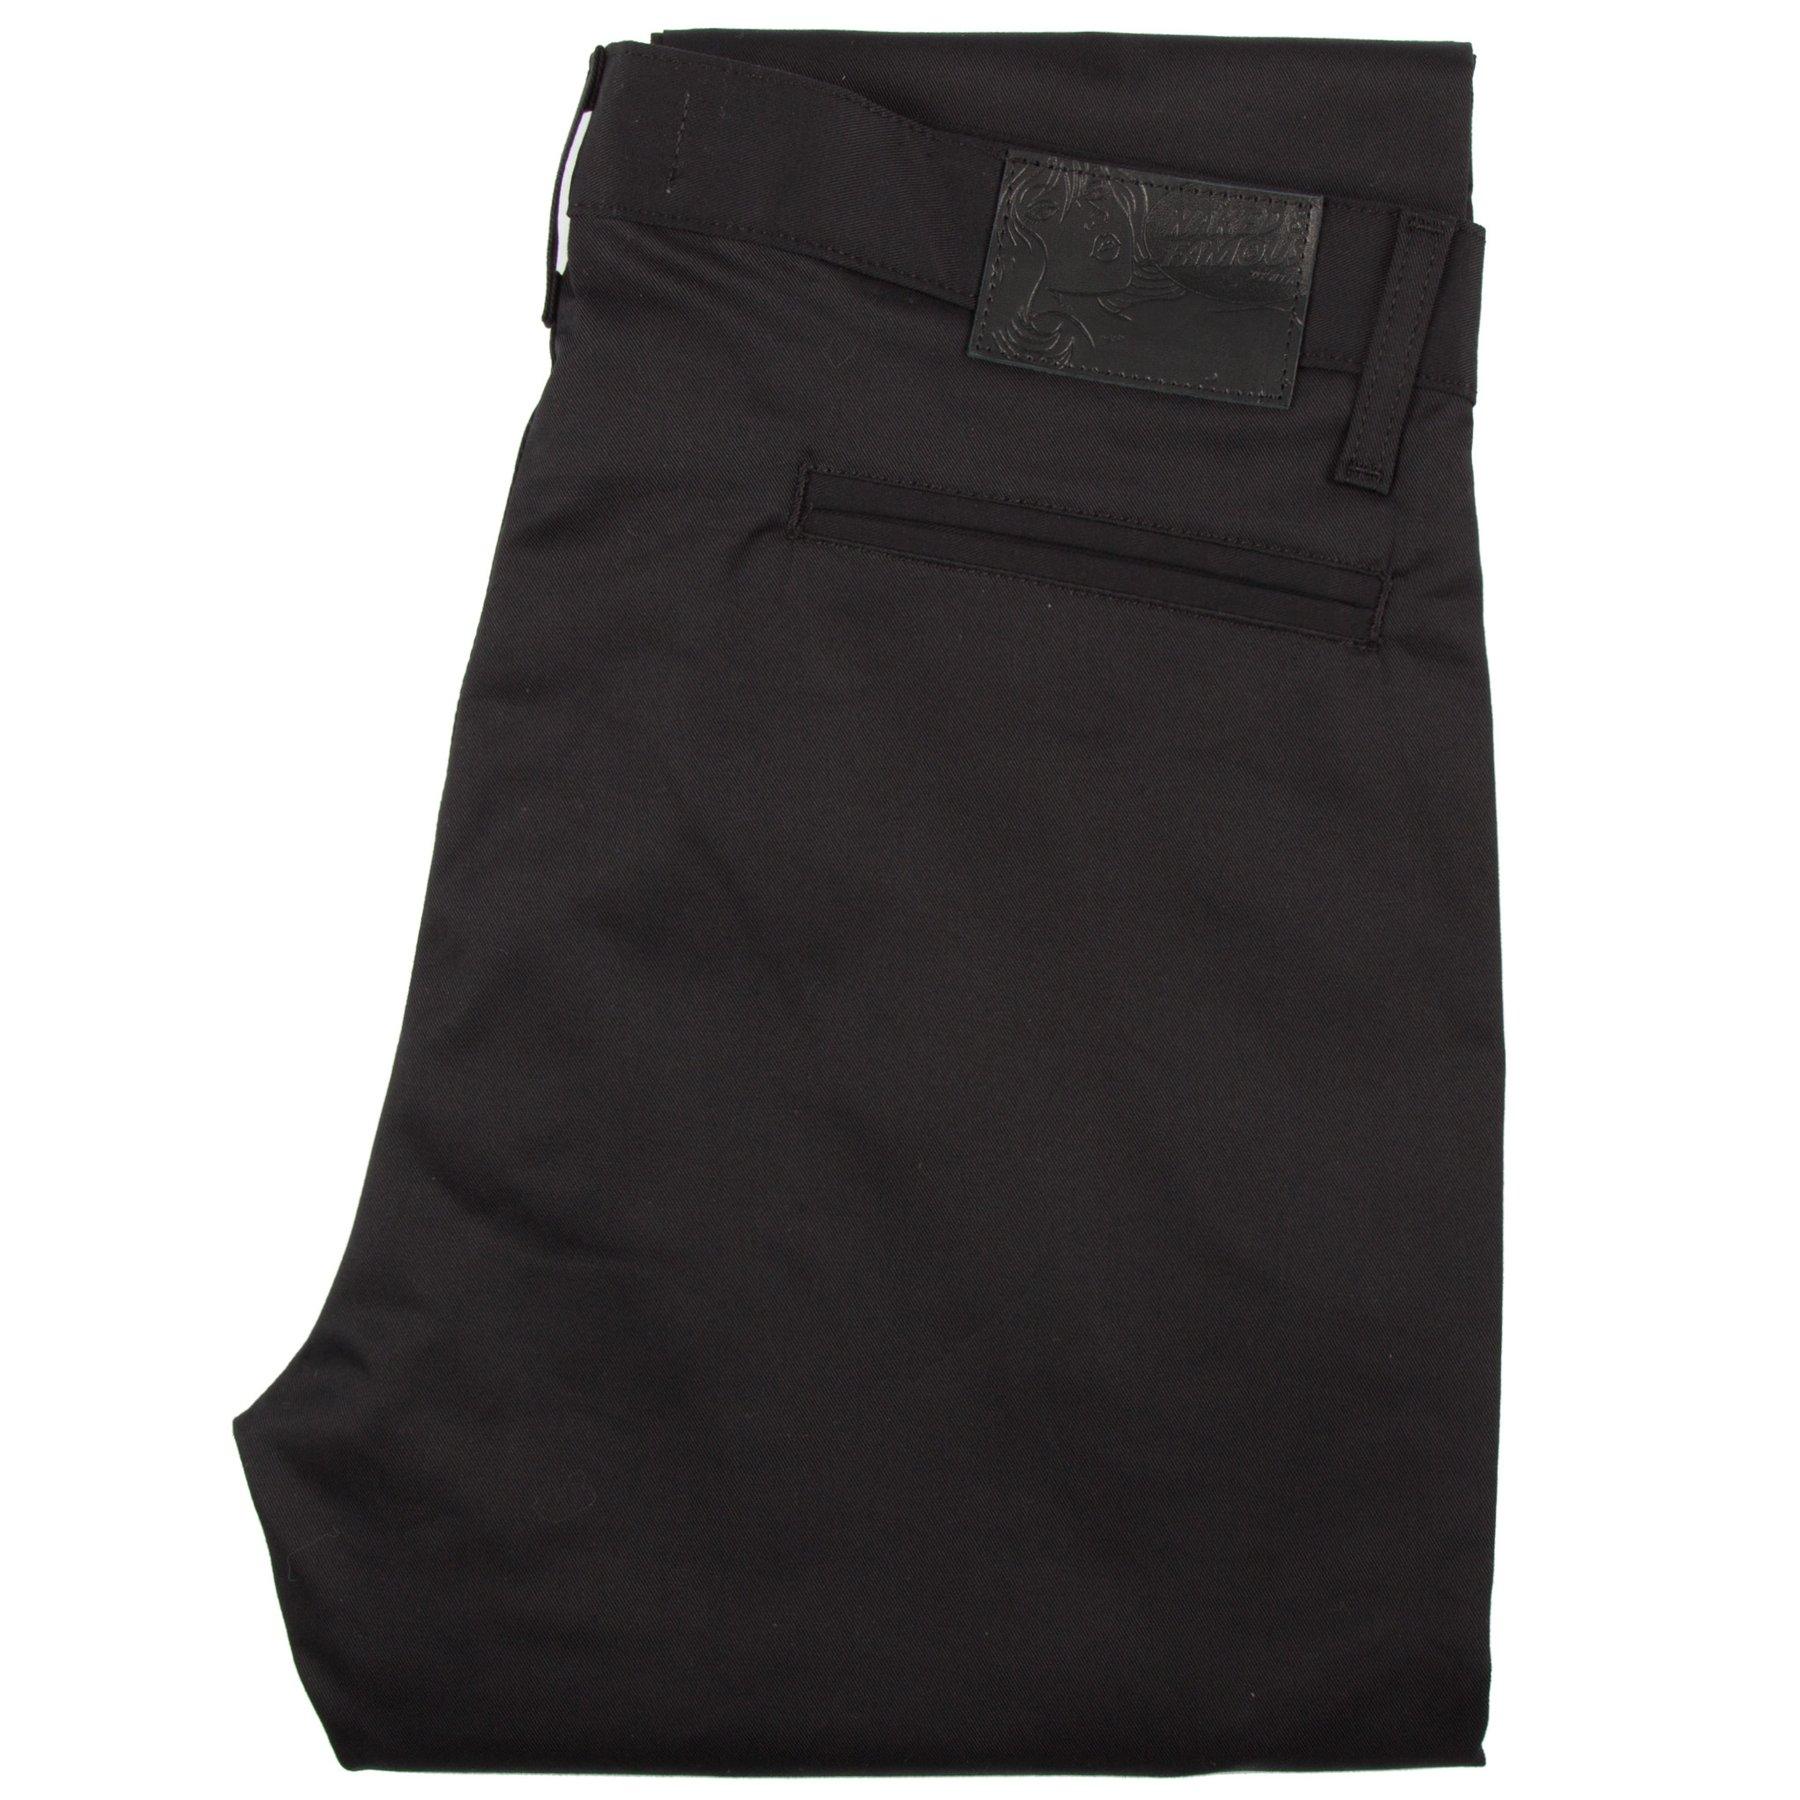 Black Stretch Twill Slim Chino Folded